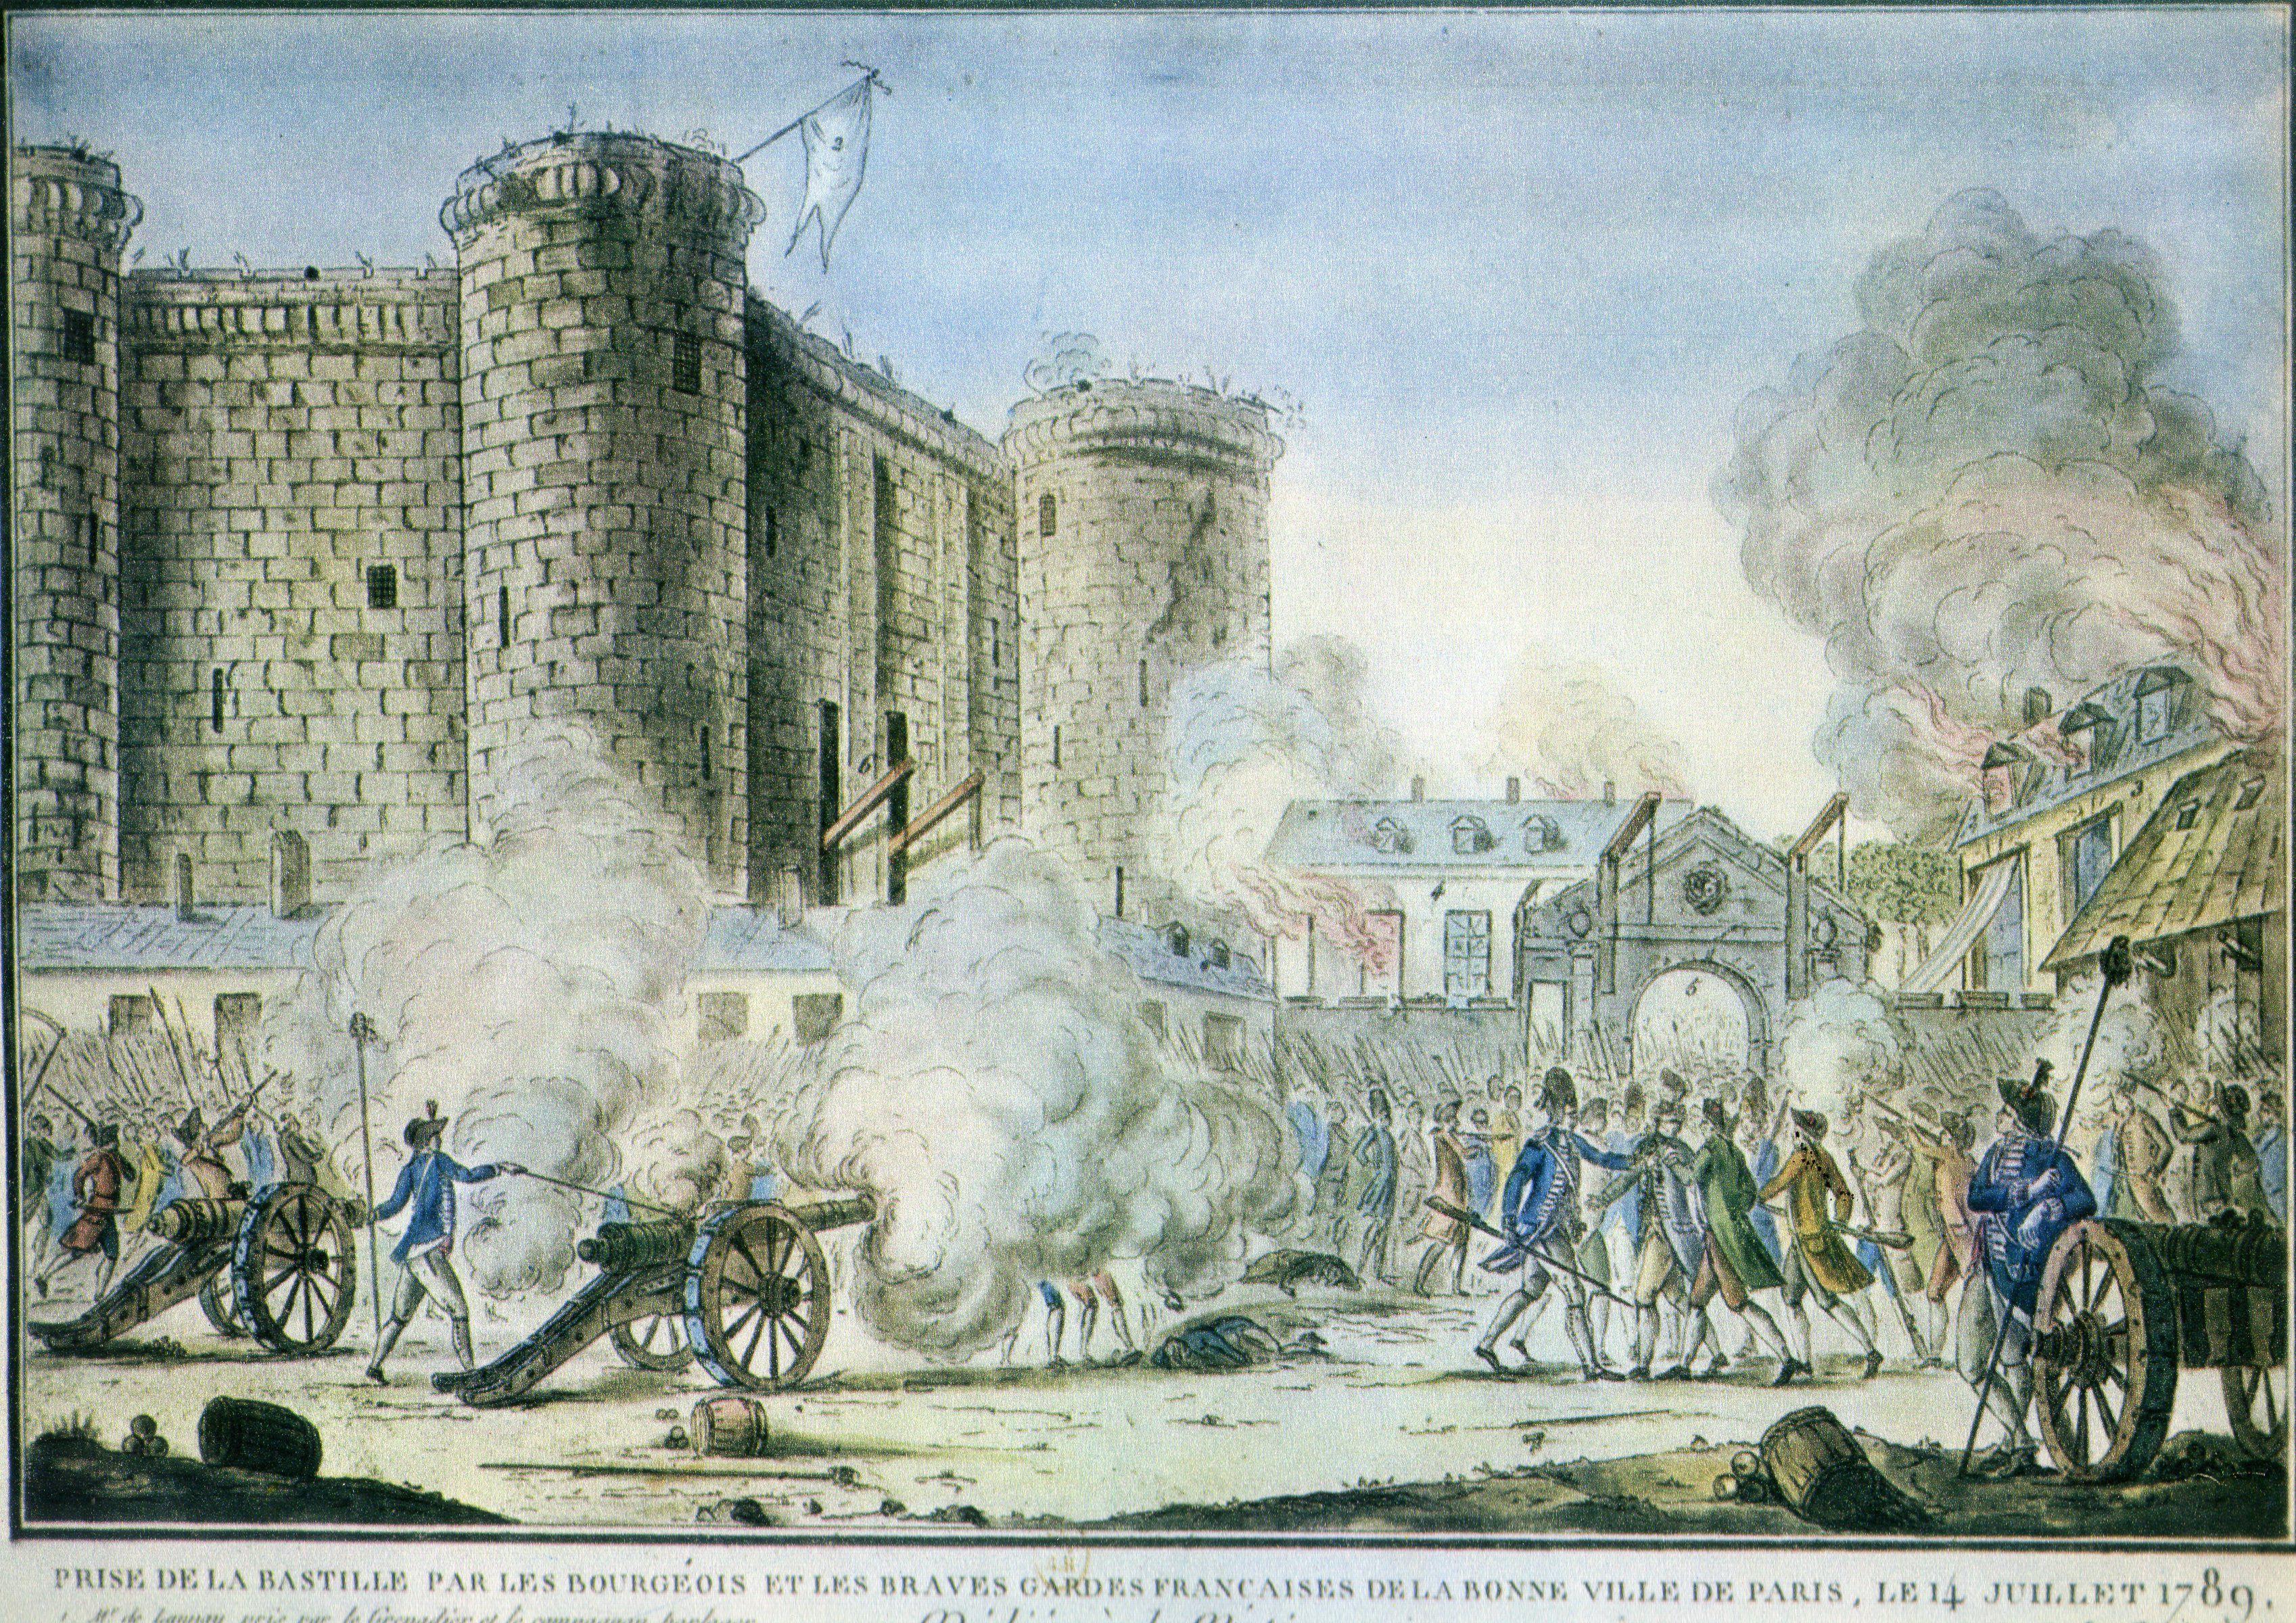 La Prise De La Bastille 14 Juillet 1789 Le 14 Juillet 1789 La Bastille Est Prise D Assaut Par Les Parisiens De Ce Jour Date La Fin De L Ancien Regime Õランス革命